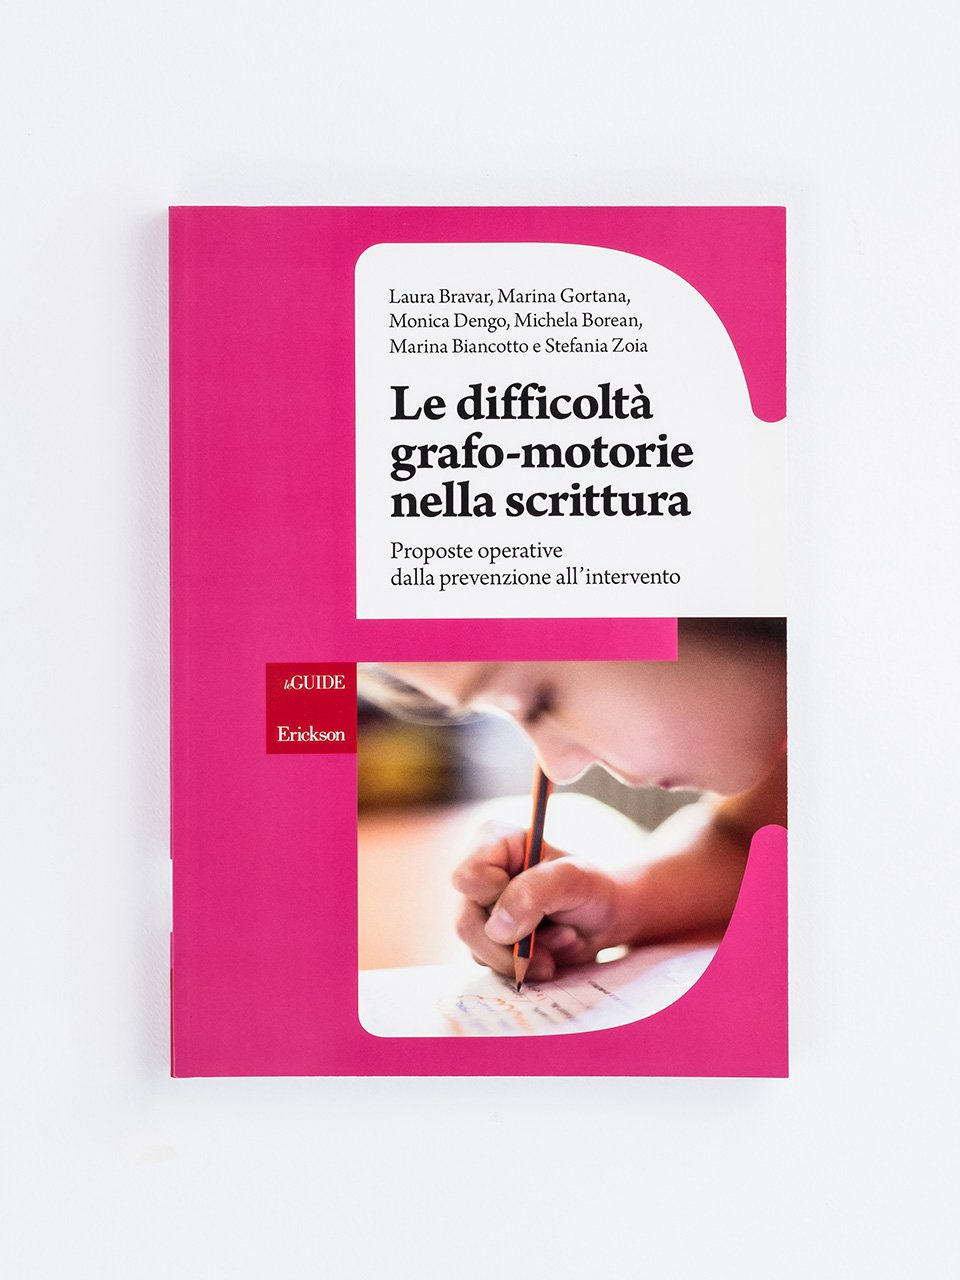 Le difficoltà grafo-motorie nella scrittura - Creatività con carta, cartone e plastica - Libri - Erickson